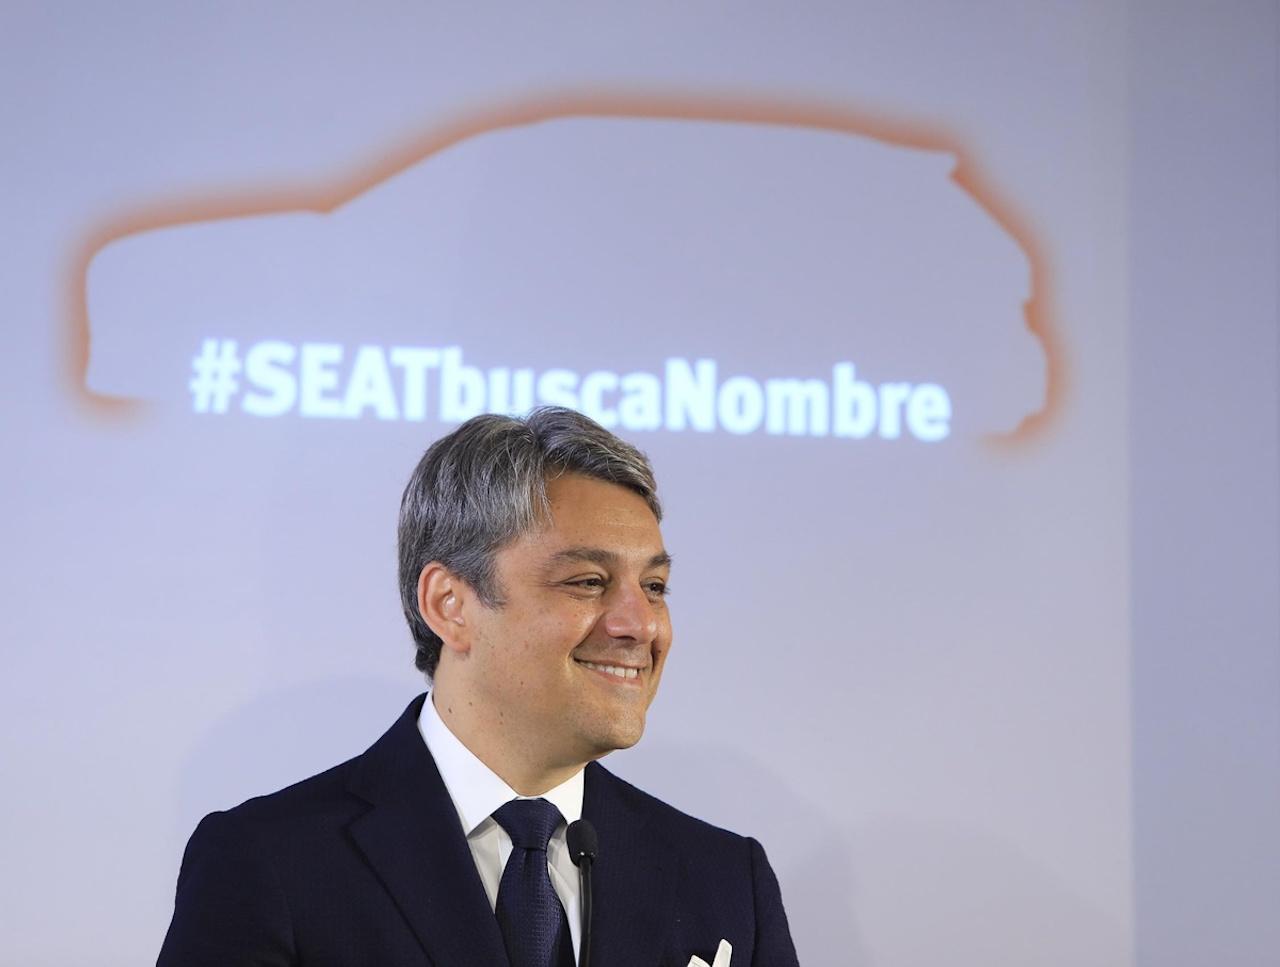 SEAT-votacion-nombre (5)